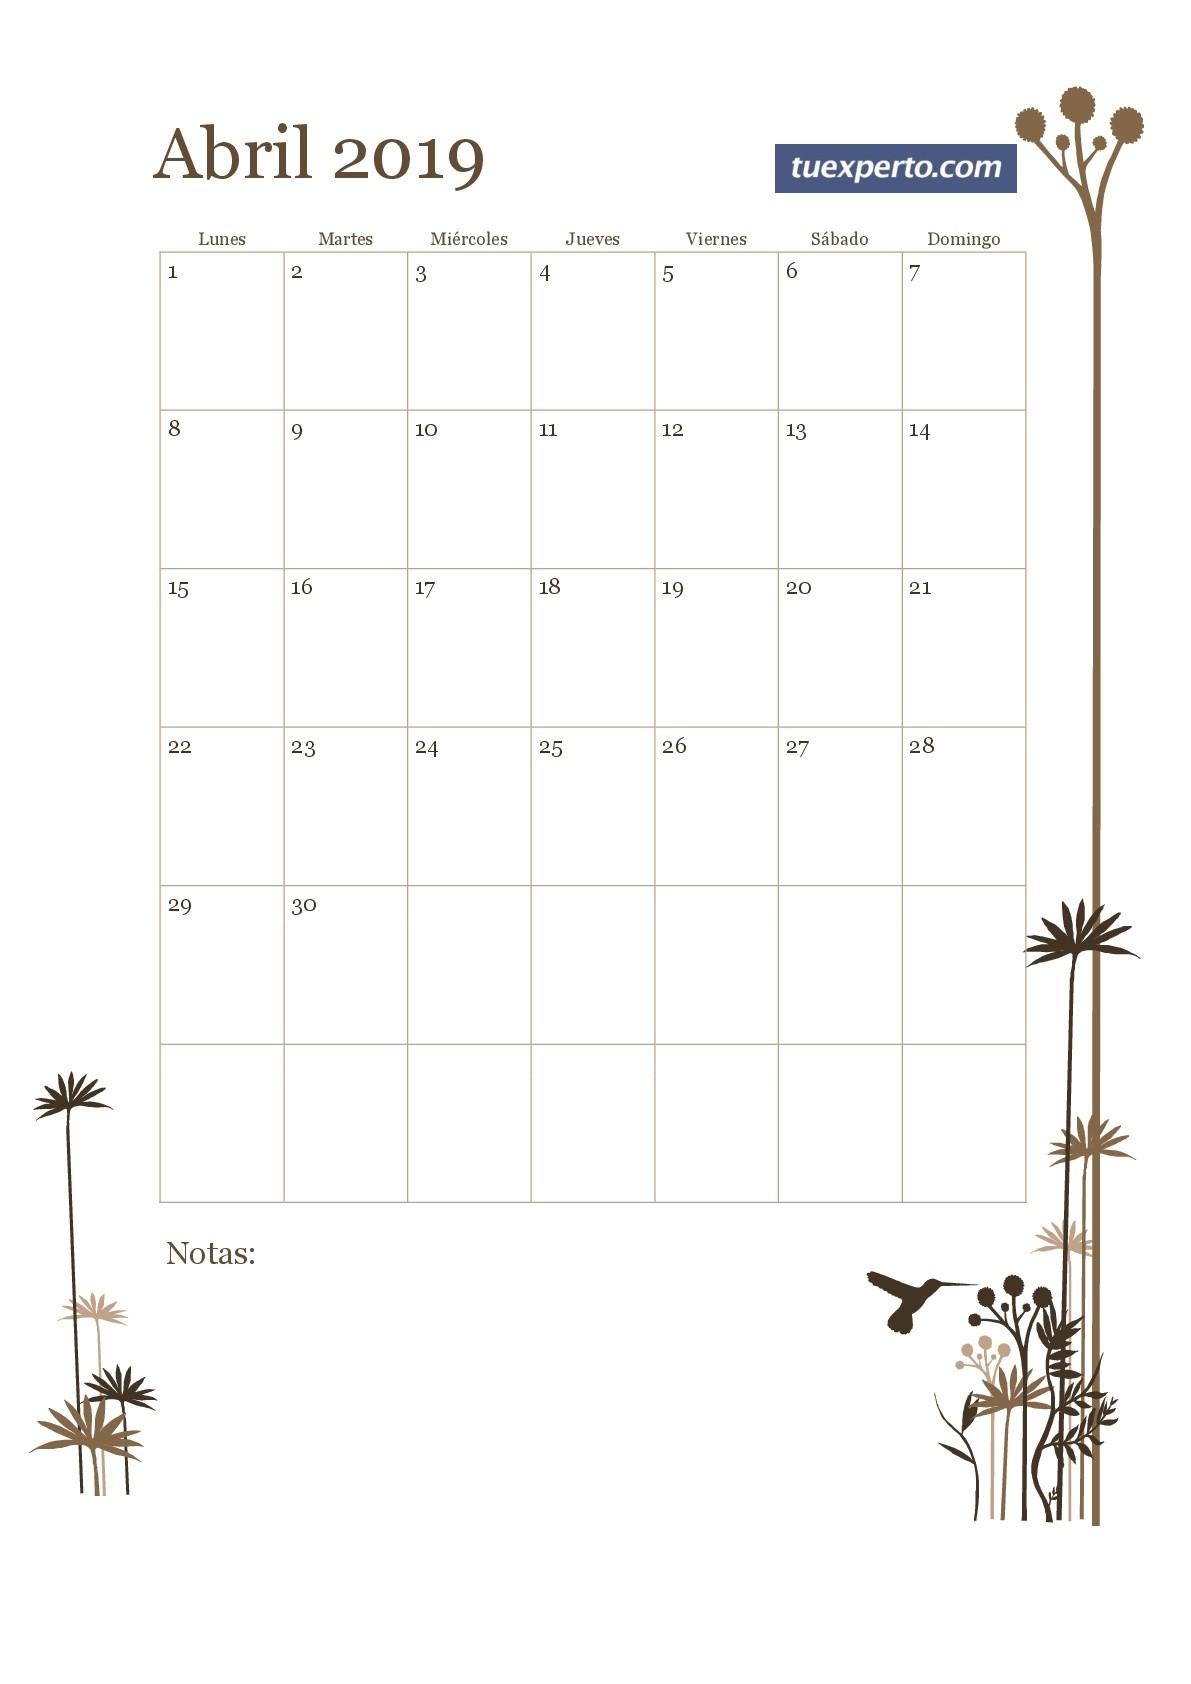 Calendario Vacunas 2017 Para Imprimir Más Recientemente Liberado Calendario Abril 2019 Para Imprimir Of Calendario Vacunas 2017 Para Imprimir Recientes Calendario Menstrual Gratis